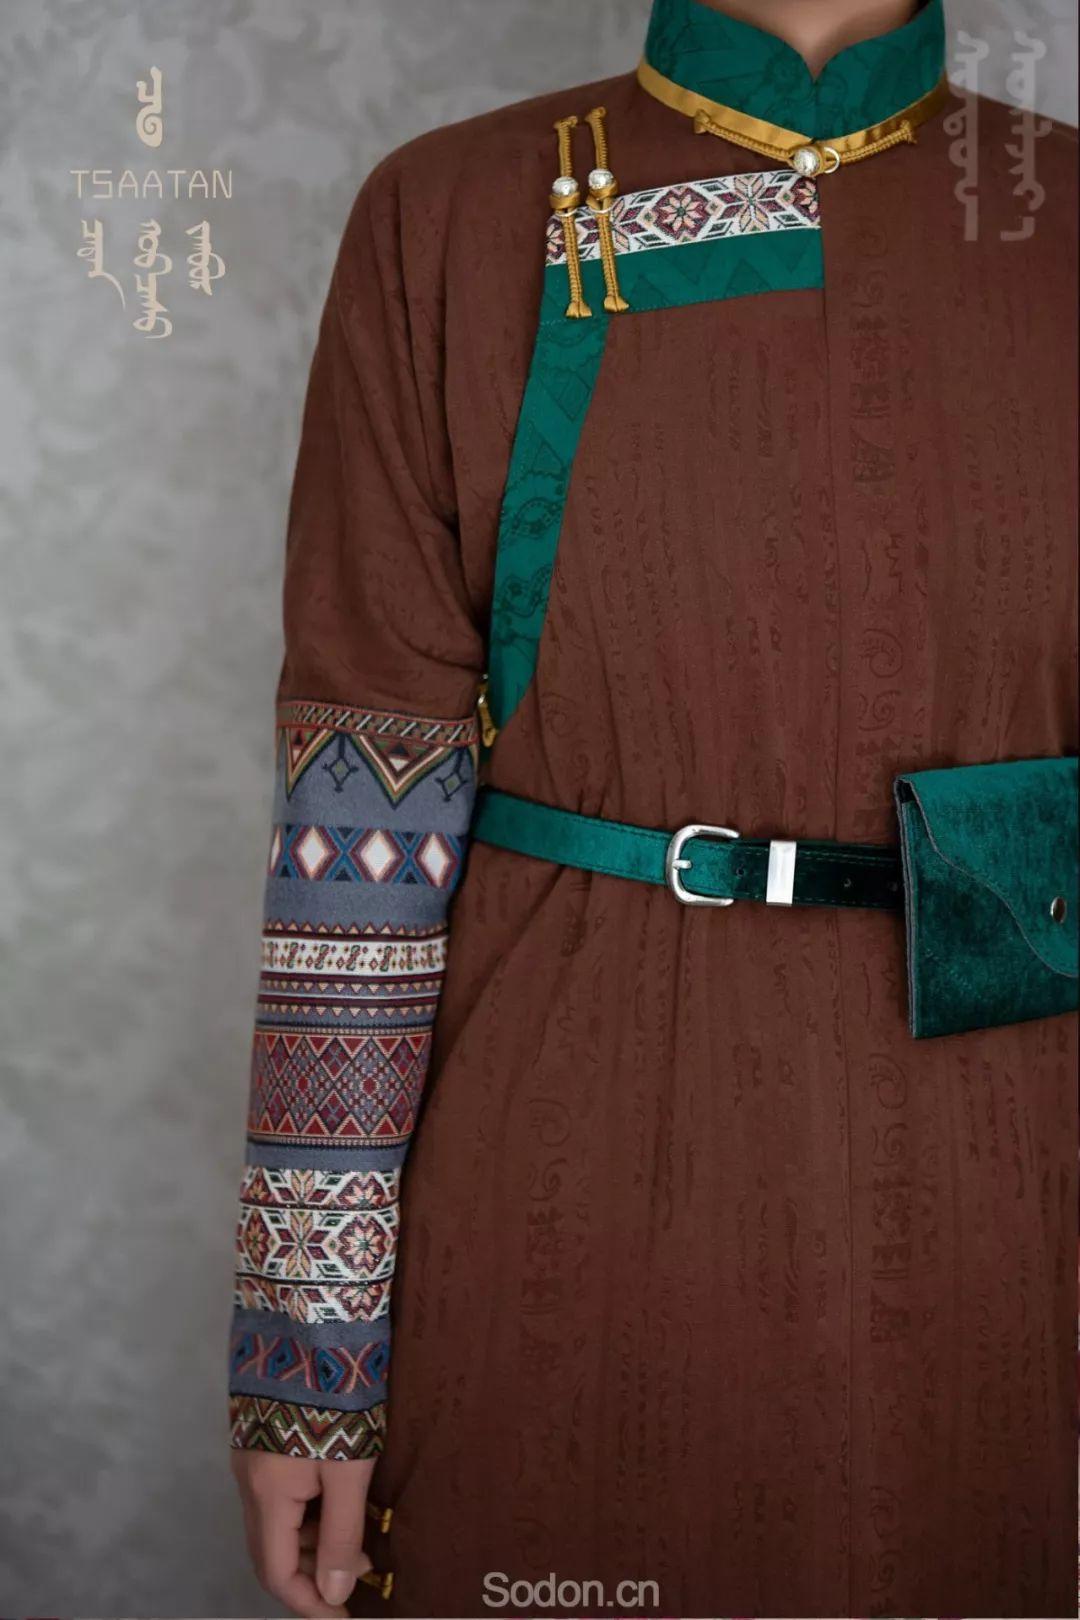 TSAATAN蒙古时装秋冬系列,来自驯鹿人的独特魅力! 第55张 TSAATAN蒙古时装秋冬系列,来自驯鹿人的独特魅力! 蒙古服饰